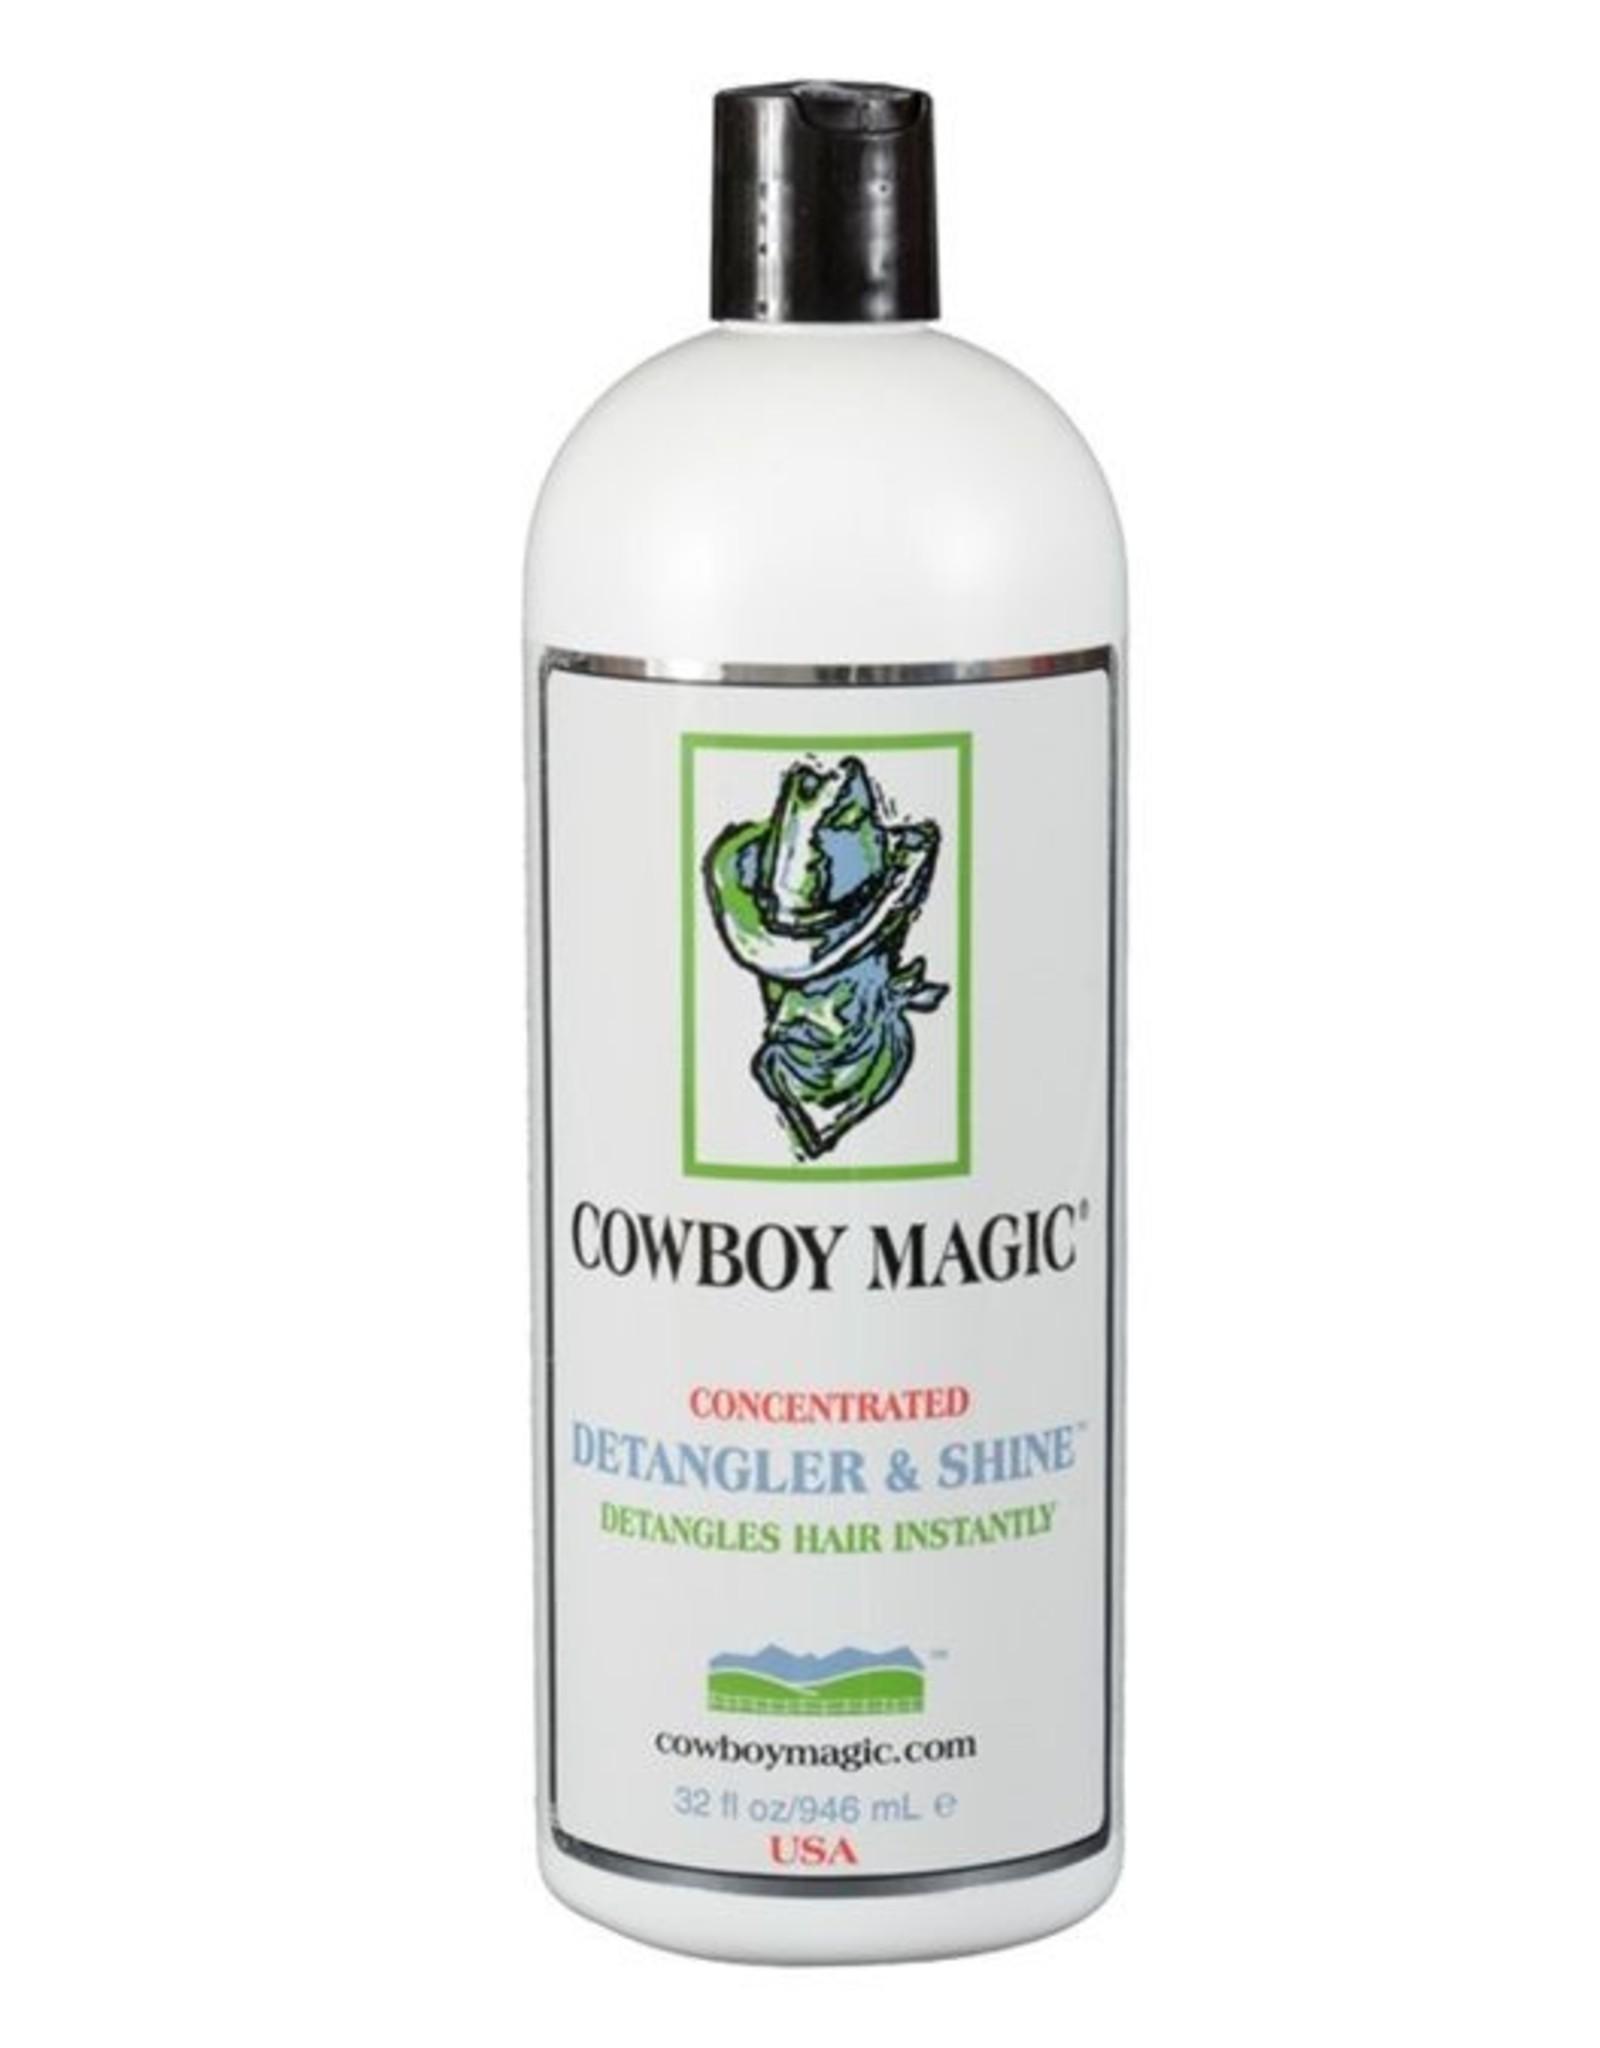 Cowboy Magic Cowboy Magic Detangler